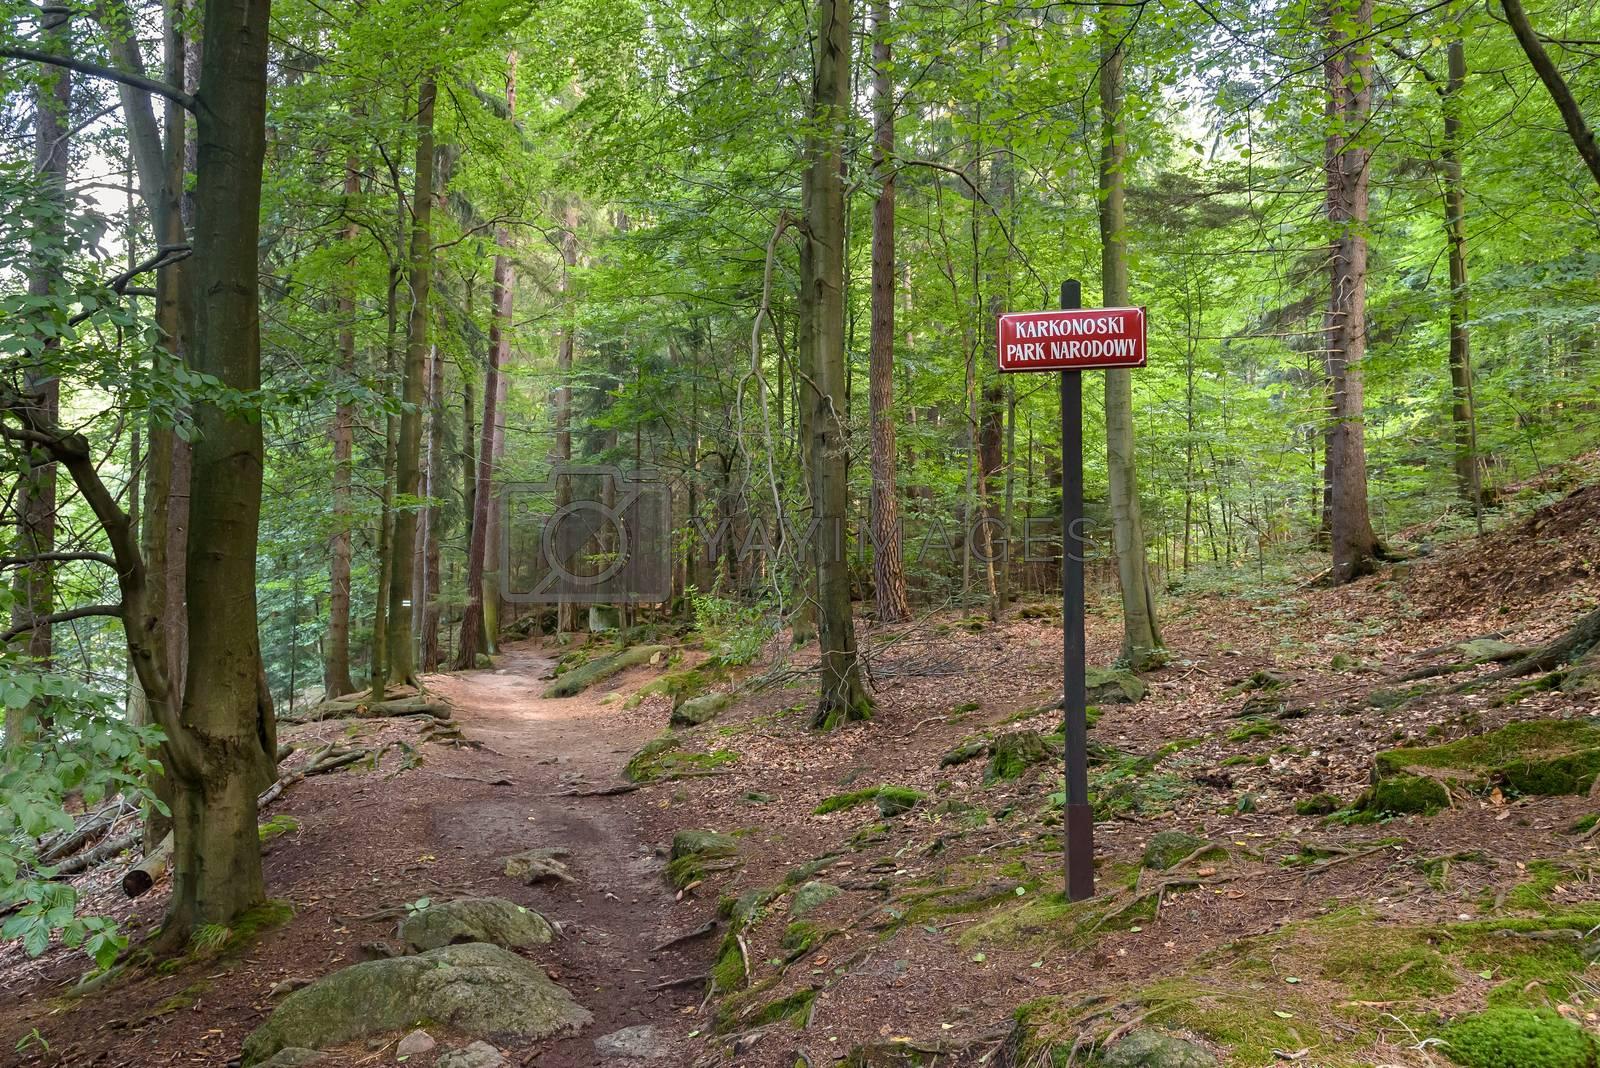 Mountain trail in a forest near Szklarska Poreba in Giant Mountains, Poland